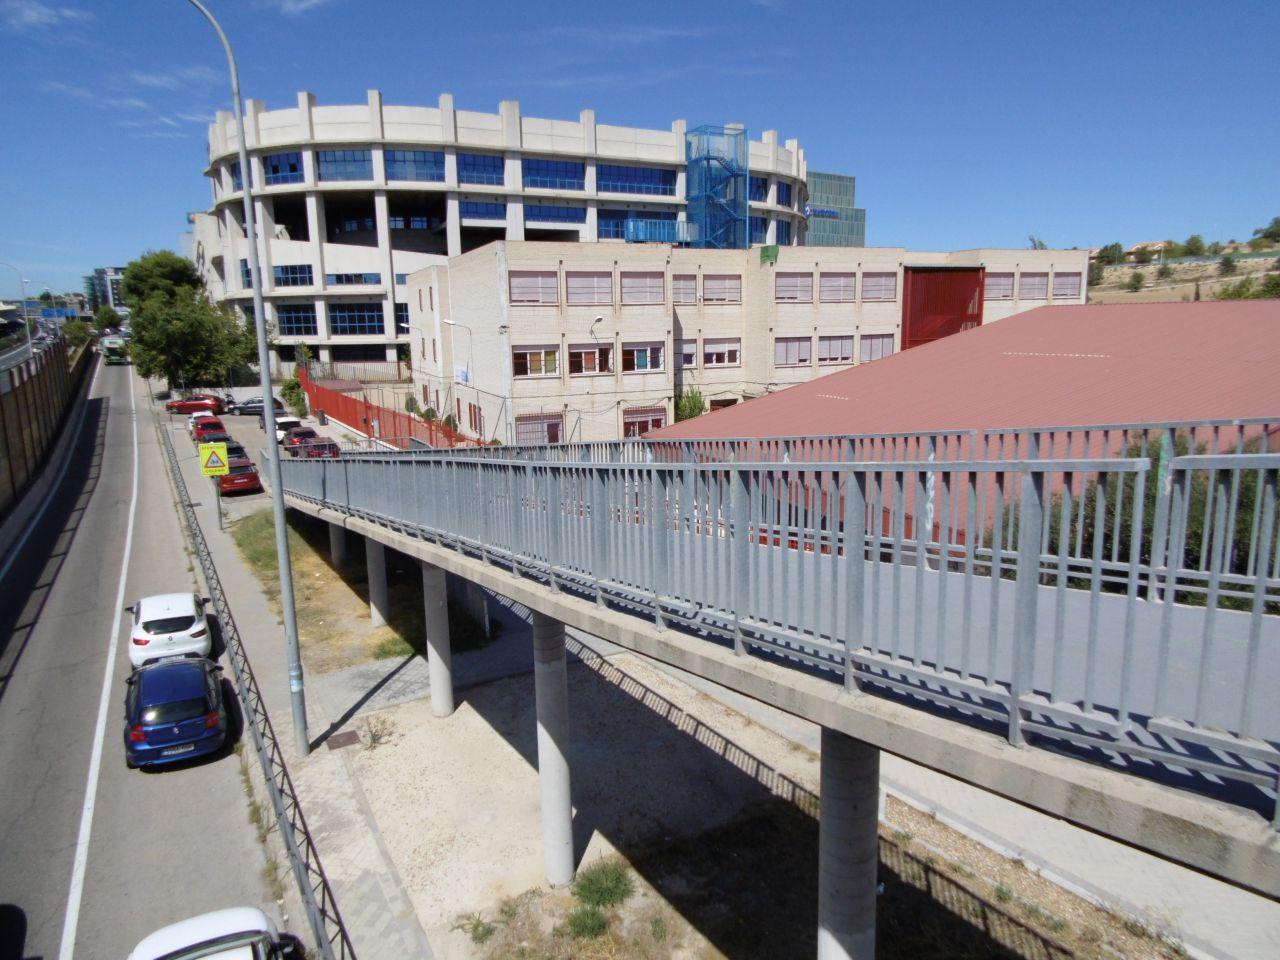 El colegio está encajonado junto a la M-40, con escasos accesos